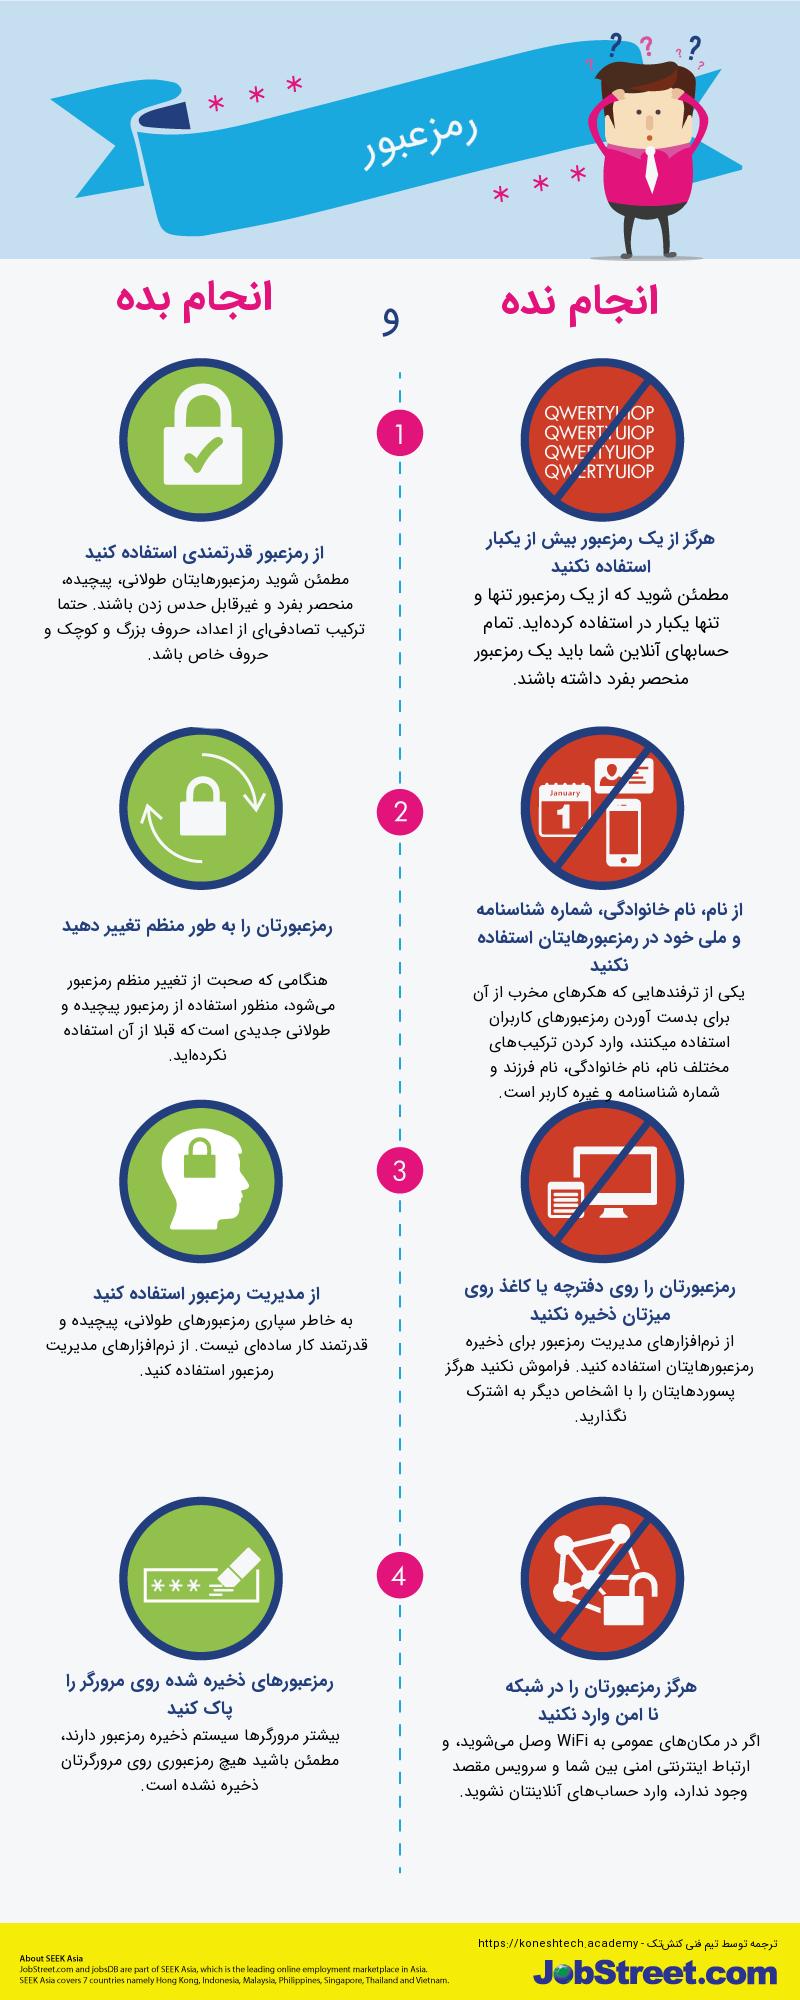 اینفوگرافیک مروری بر بایدها و نبایدهای رمزعبور